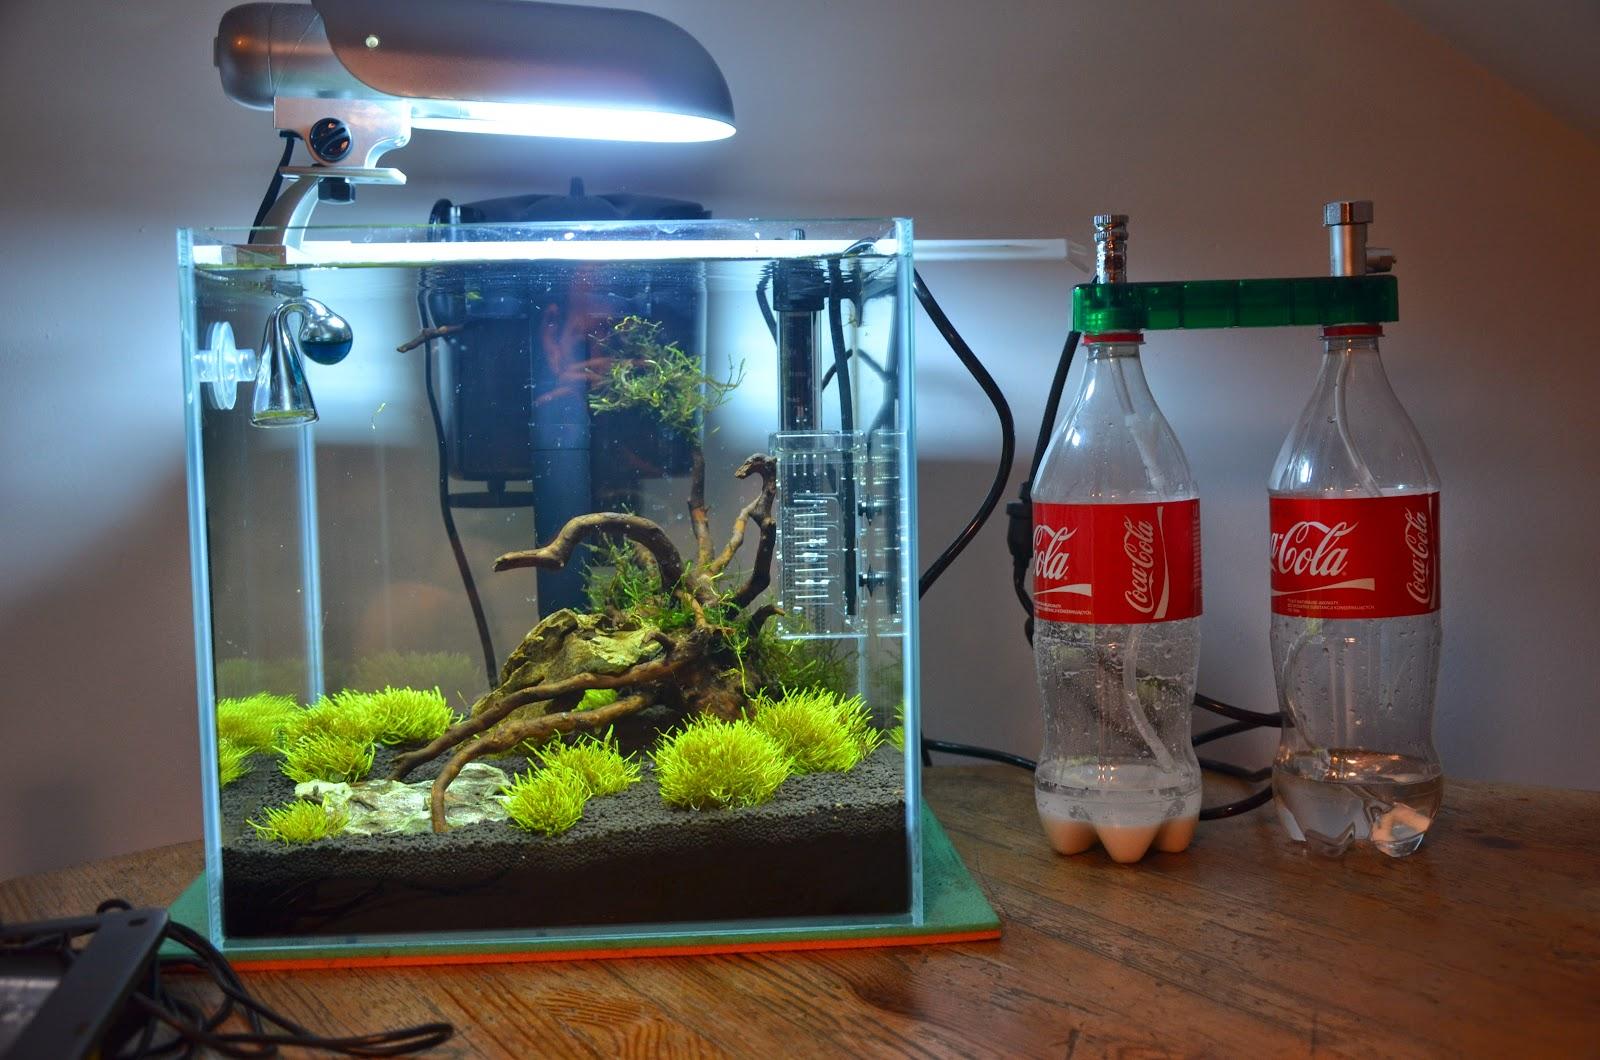 Как сделать аквариум своими руками из стекла: пошаговая инструкция 90